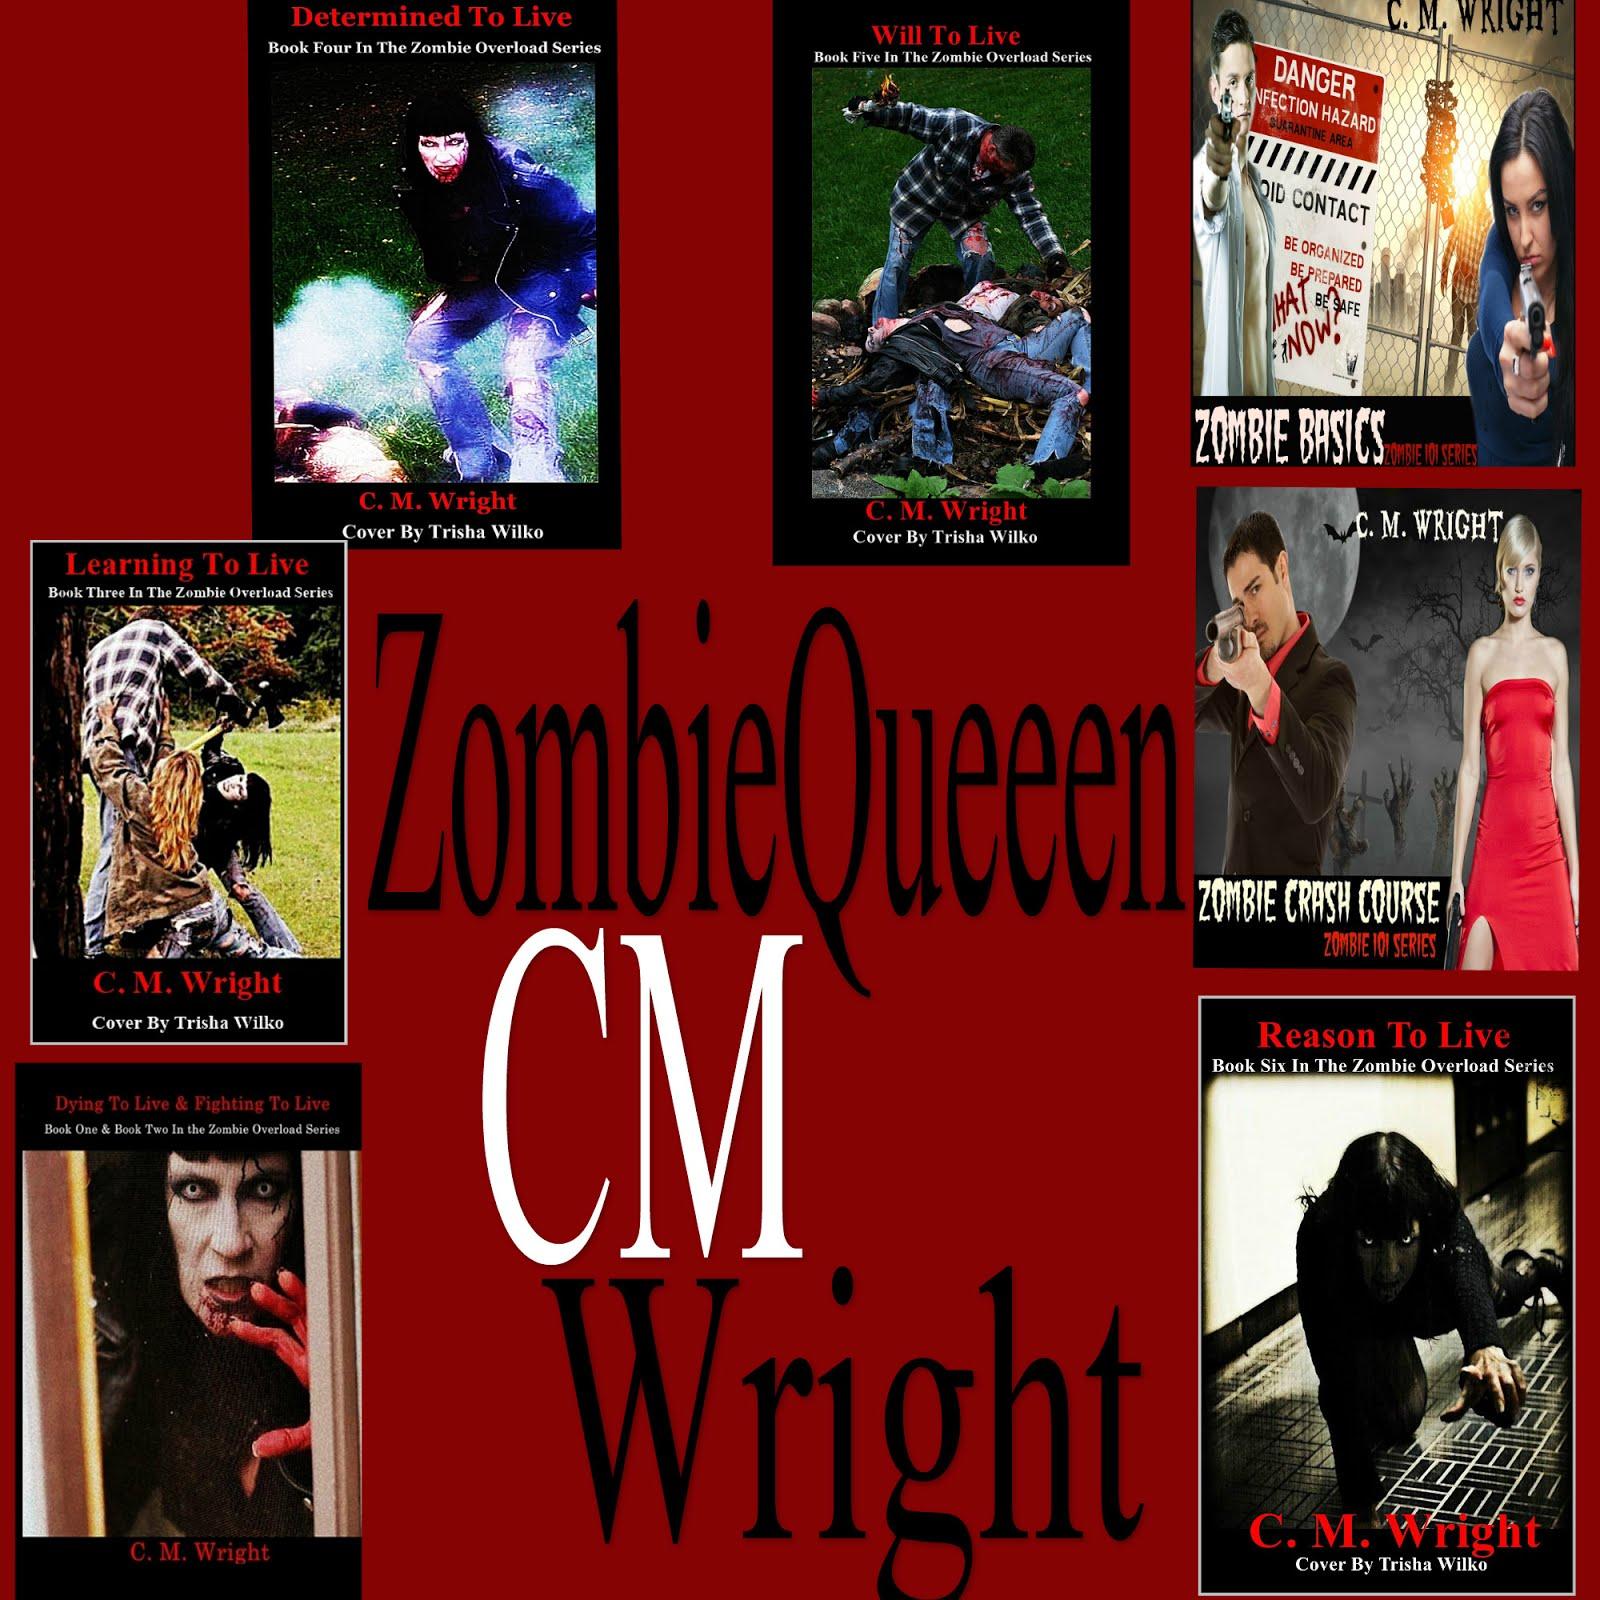 Zombie Overload/Zombie 101 Series